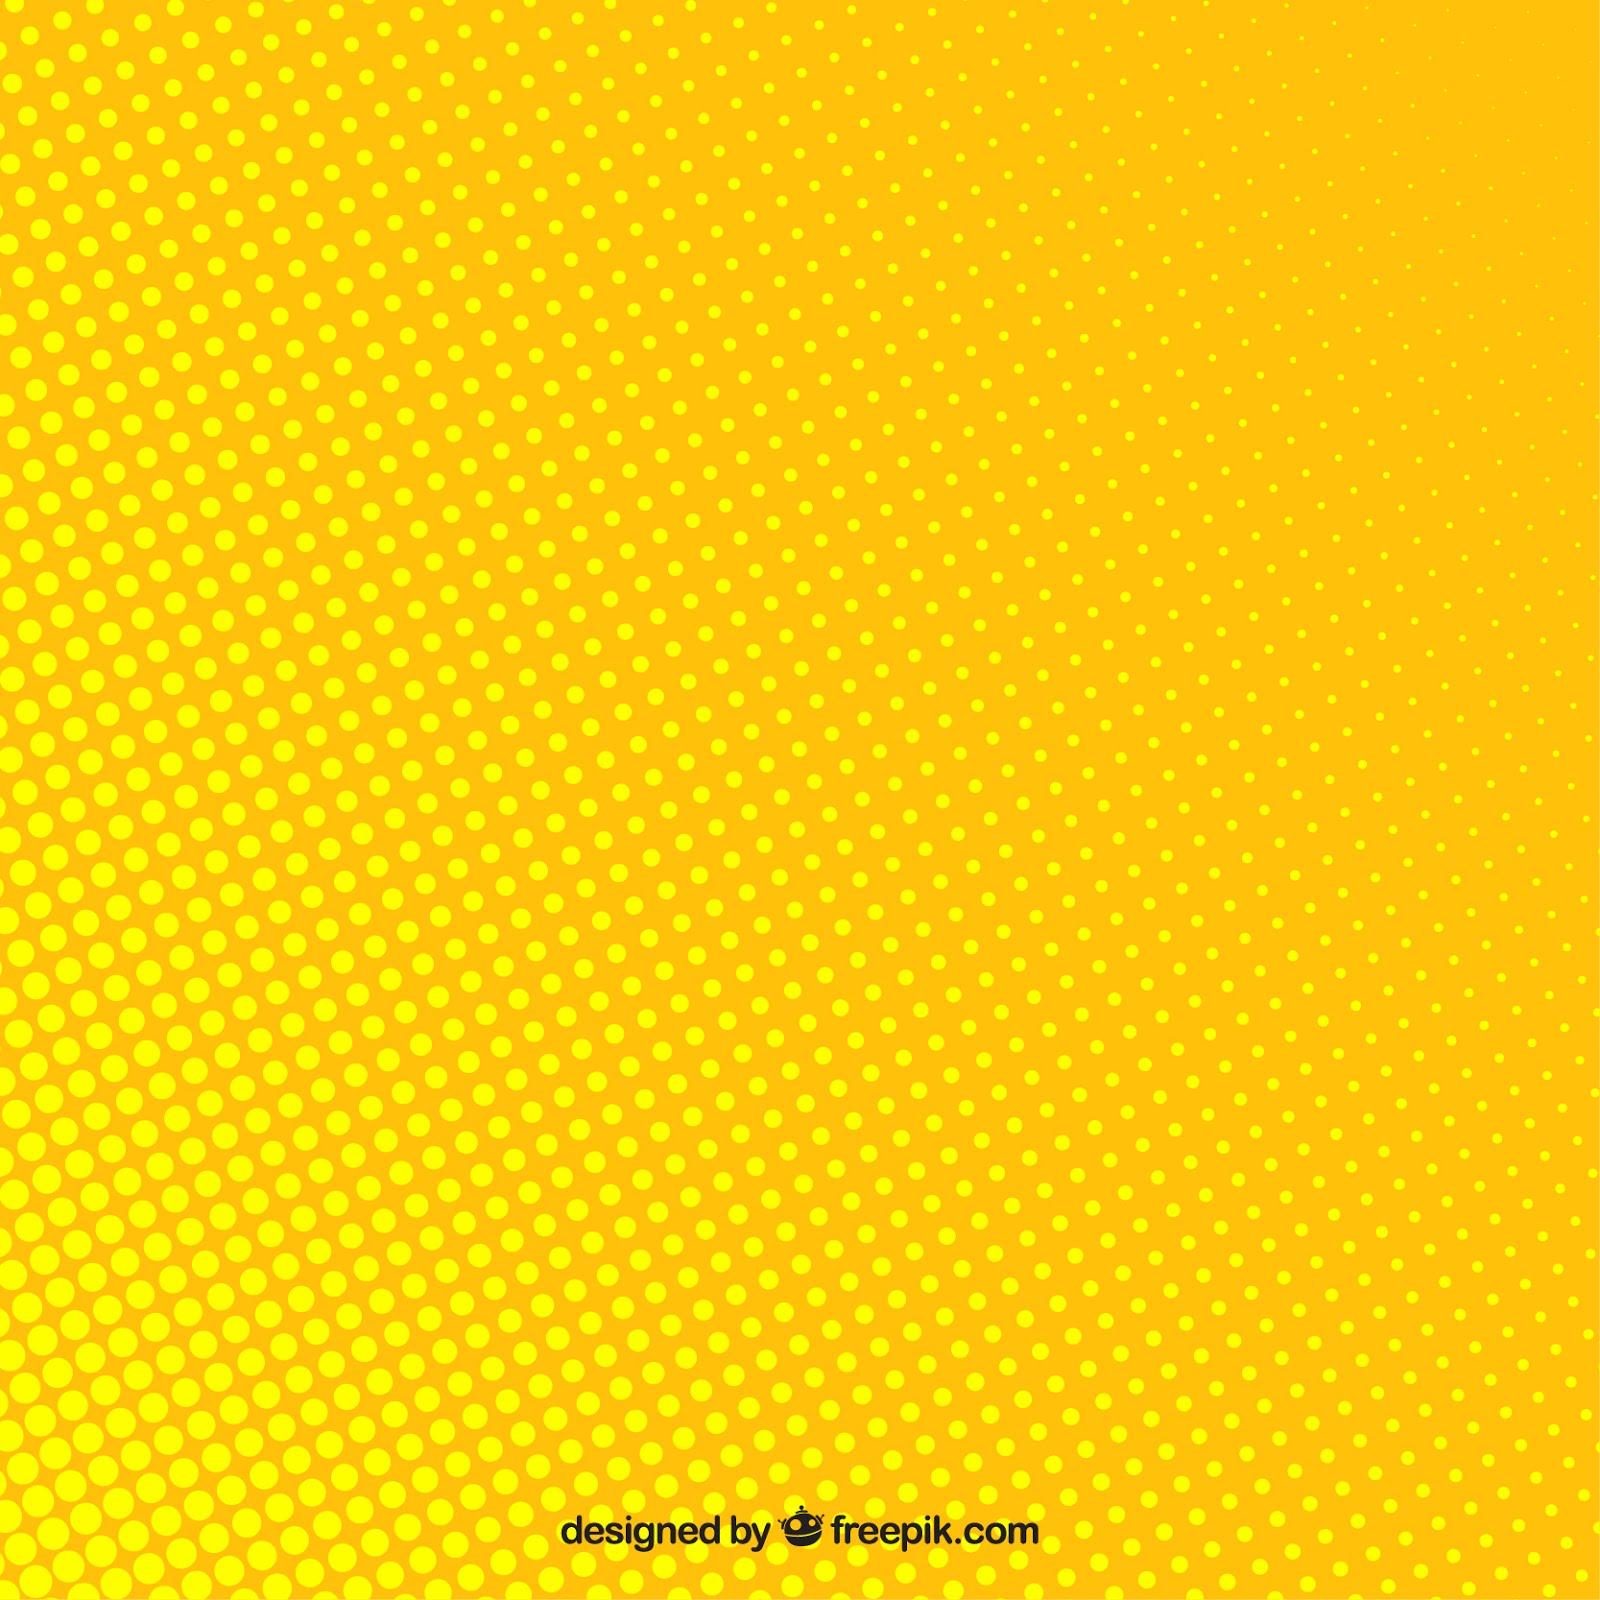 بالصور خلفية صفراء , اروع خفلية واجملها من اللون الاصفر 3411 6